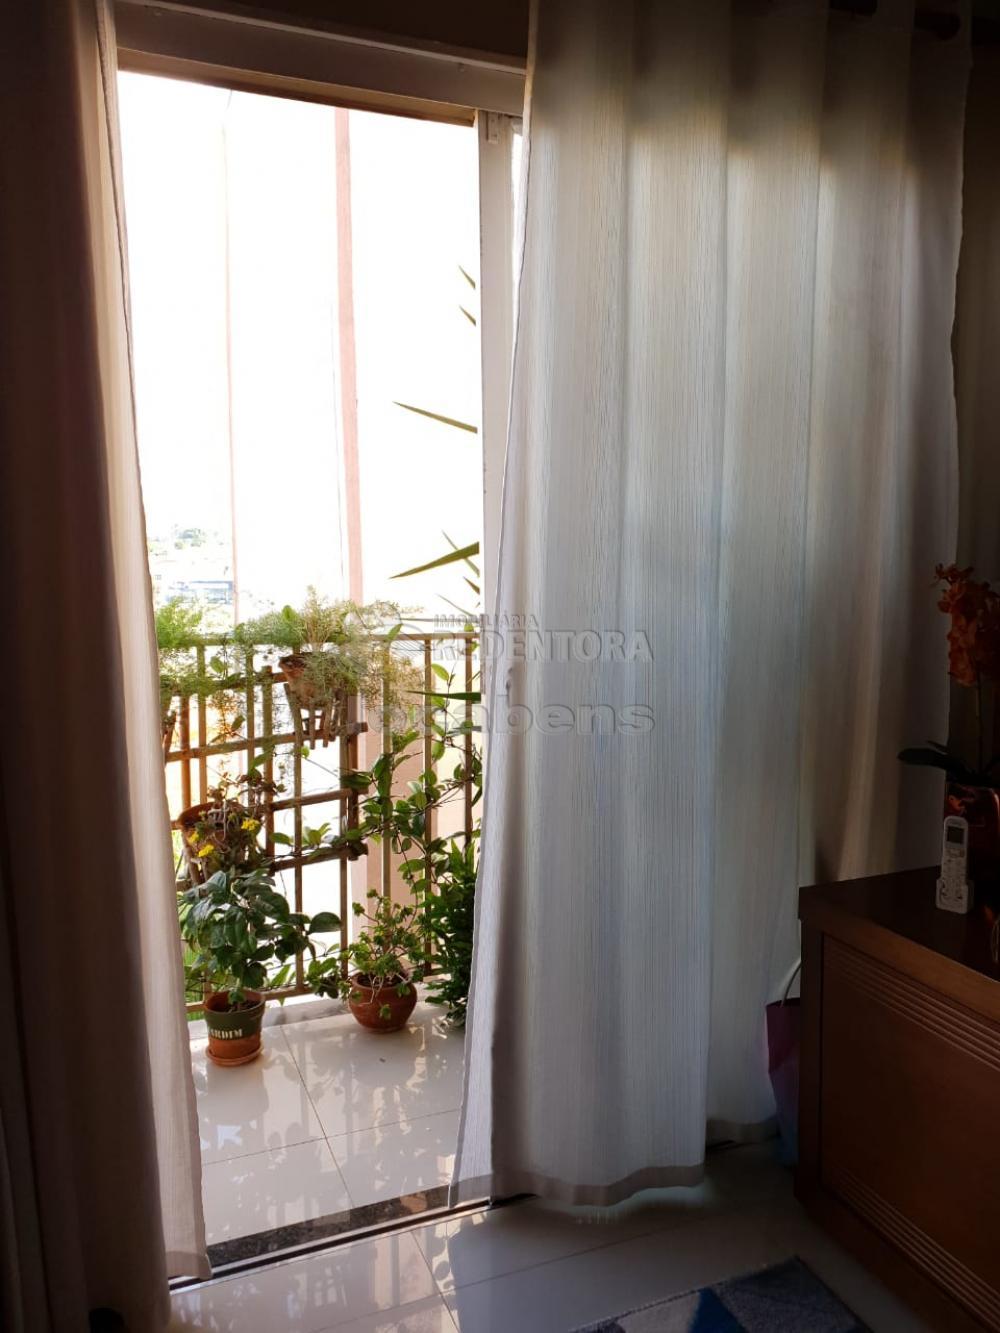 Comprar Apartamento / Padrão em São José do Rio Preto apenas R$ 220.000,00 - Foto 14